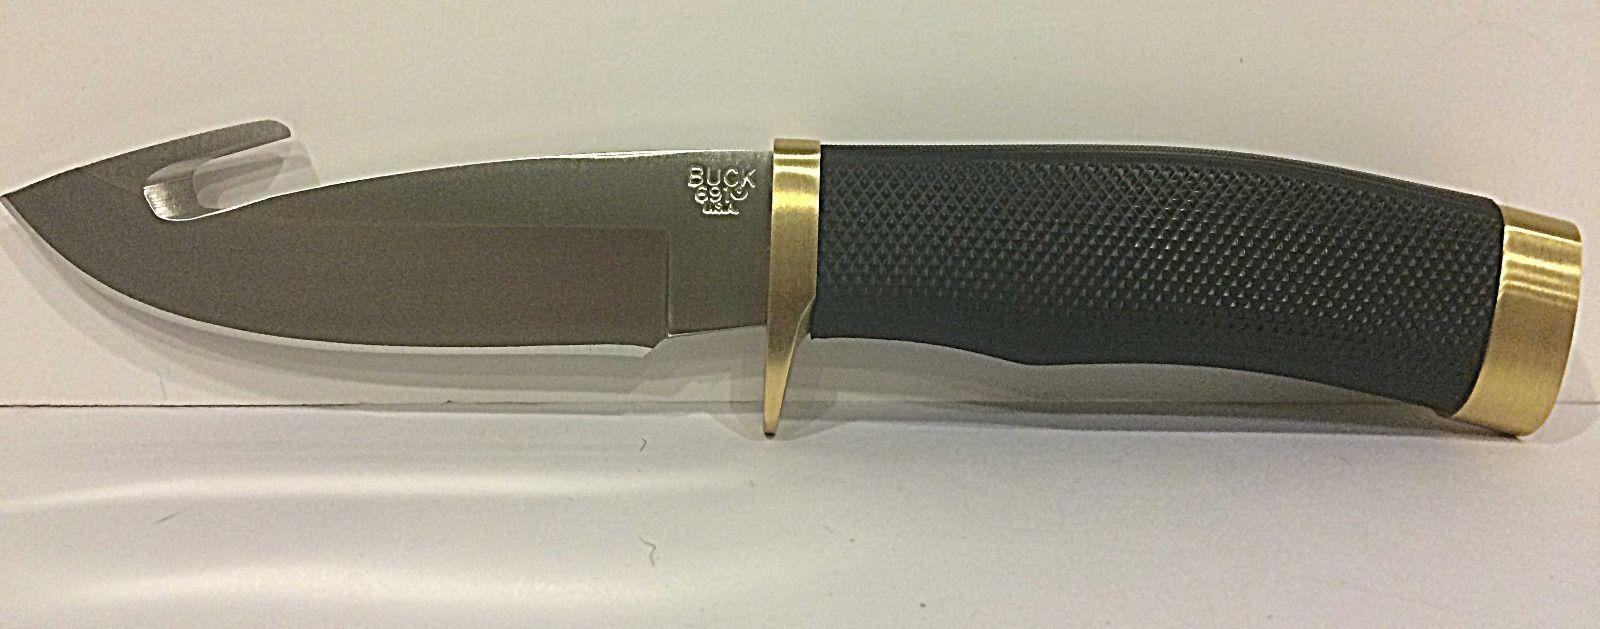 Фото 10 - Нож туристический 691 Zipper™ - BUCK 0691BKG, сталь 420HC, рукоять синтетическая резина Alcryn® Rubber